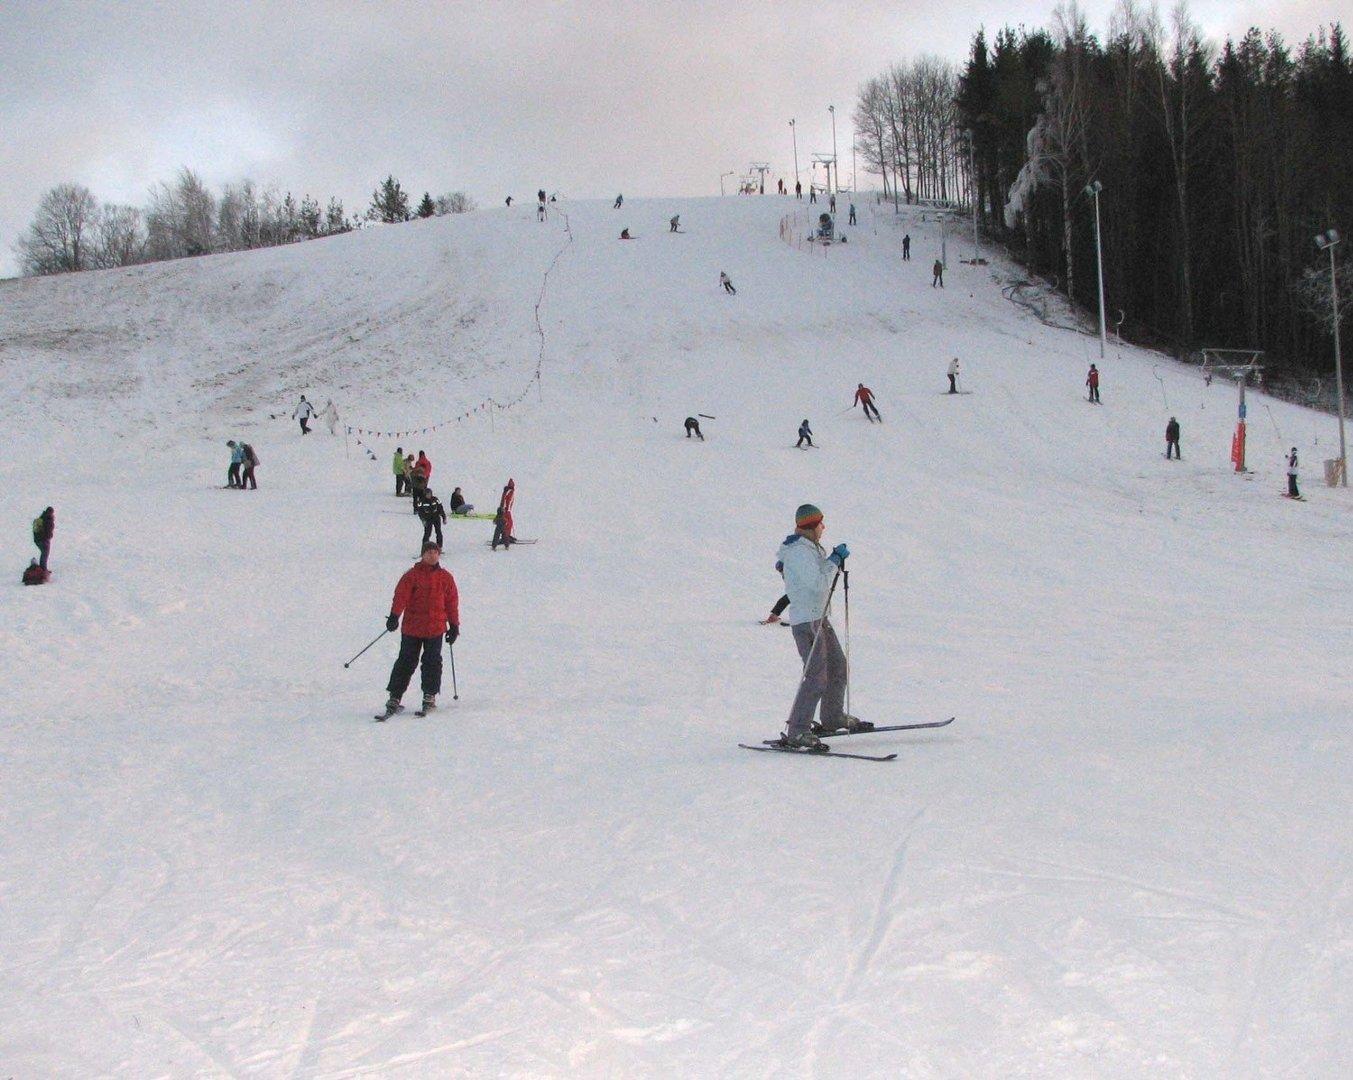 Wyciąg narciarski Wosir Szelment E wyciagi.pl